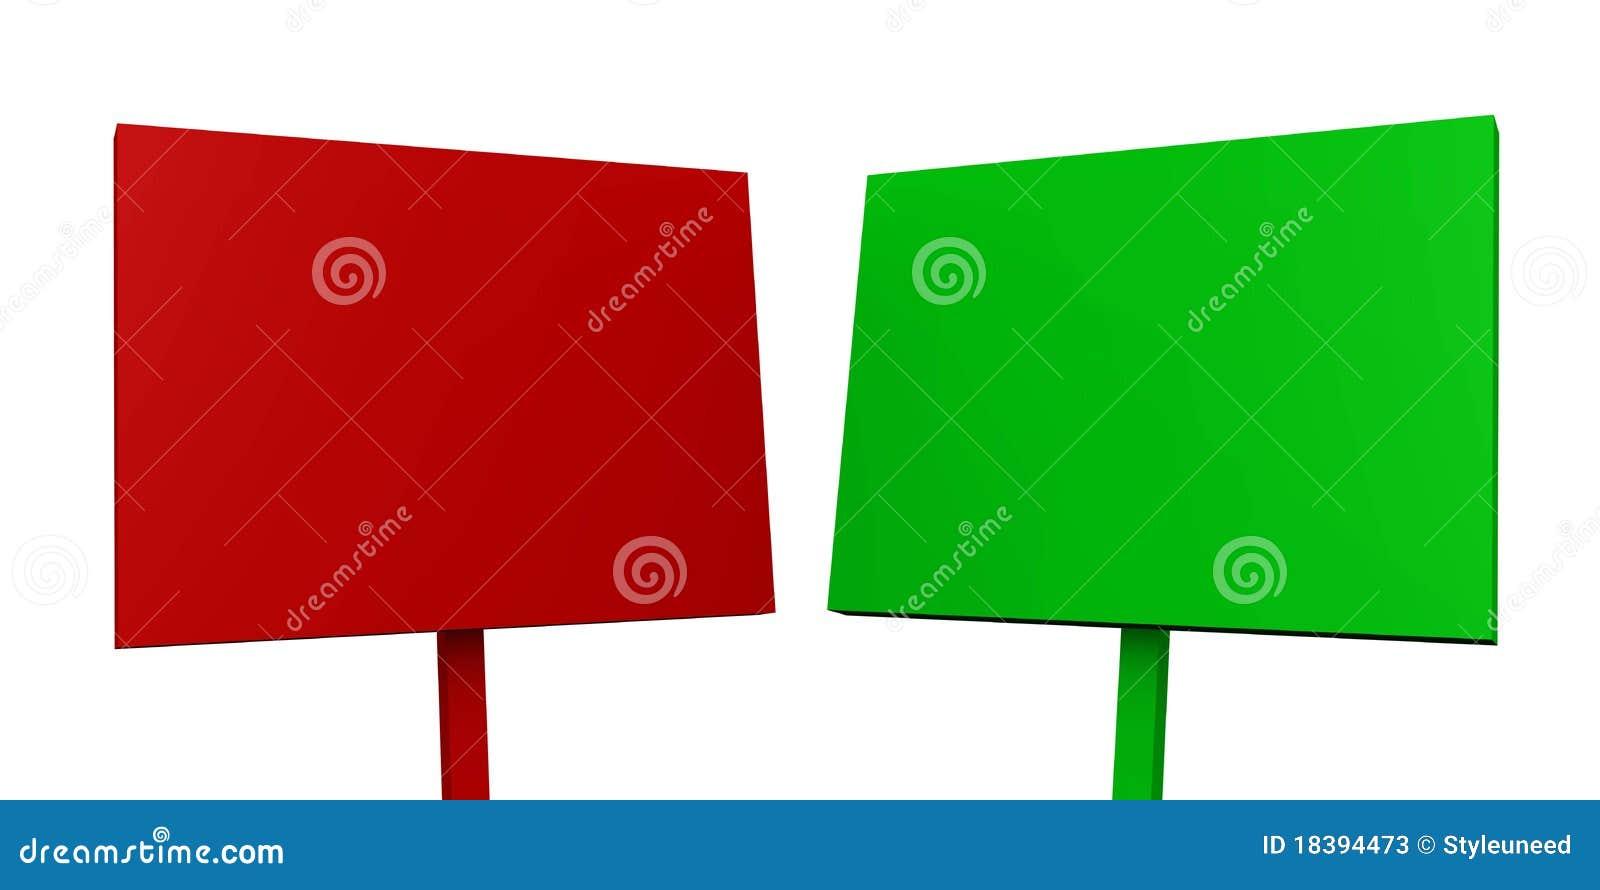 красный цвет 01 рекламируя доски зеленый